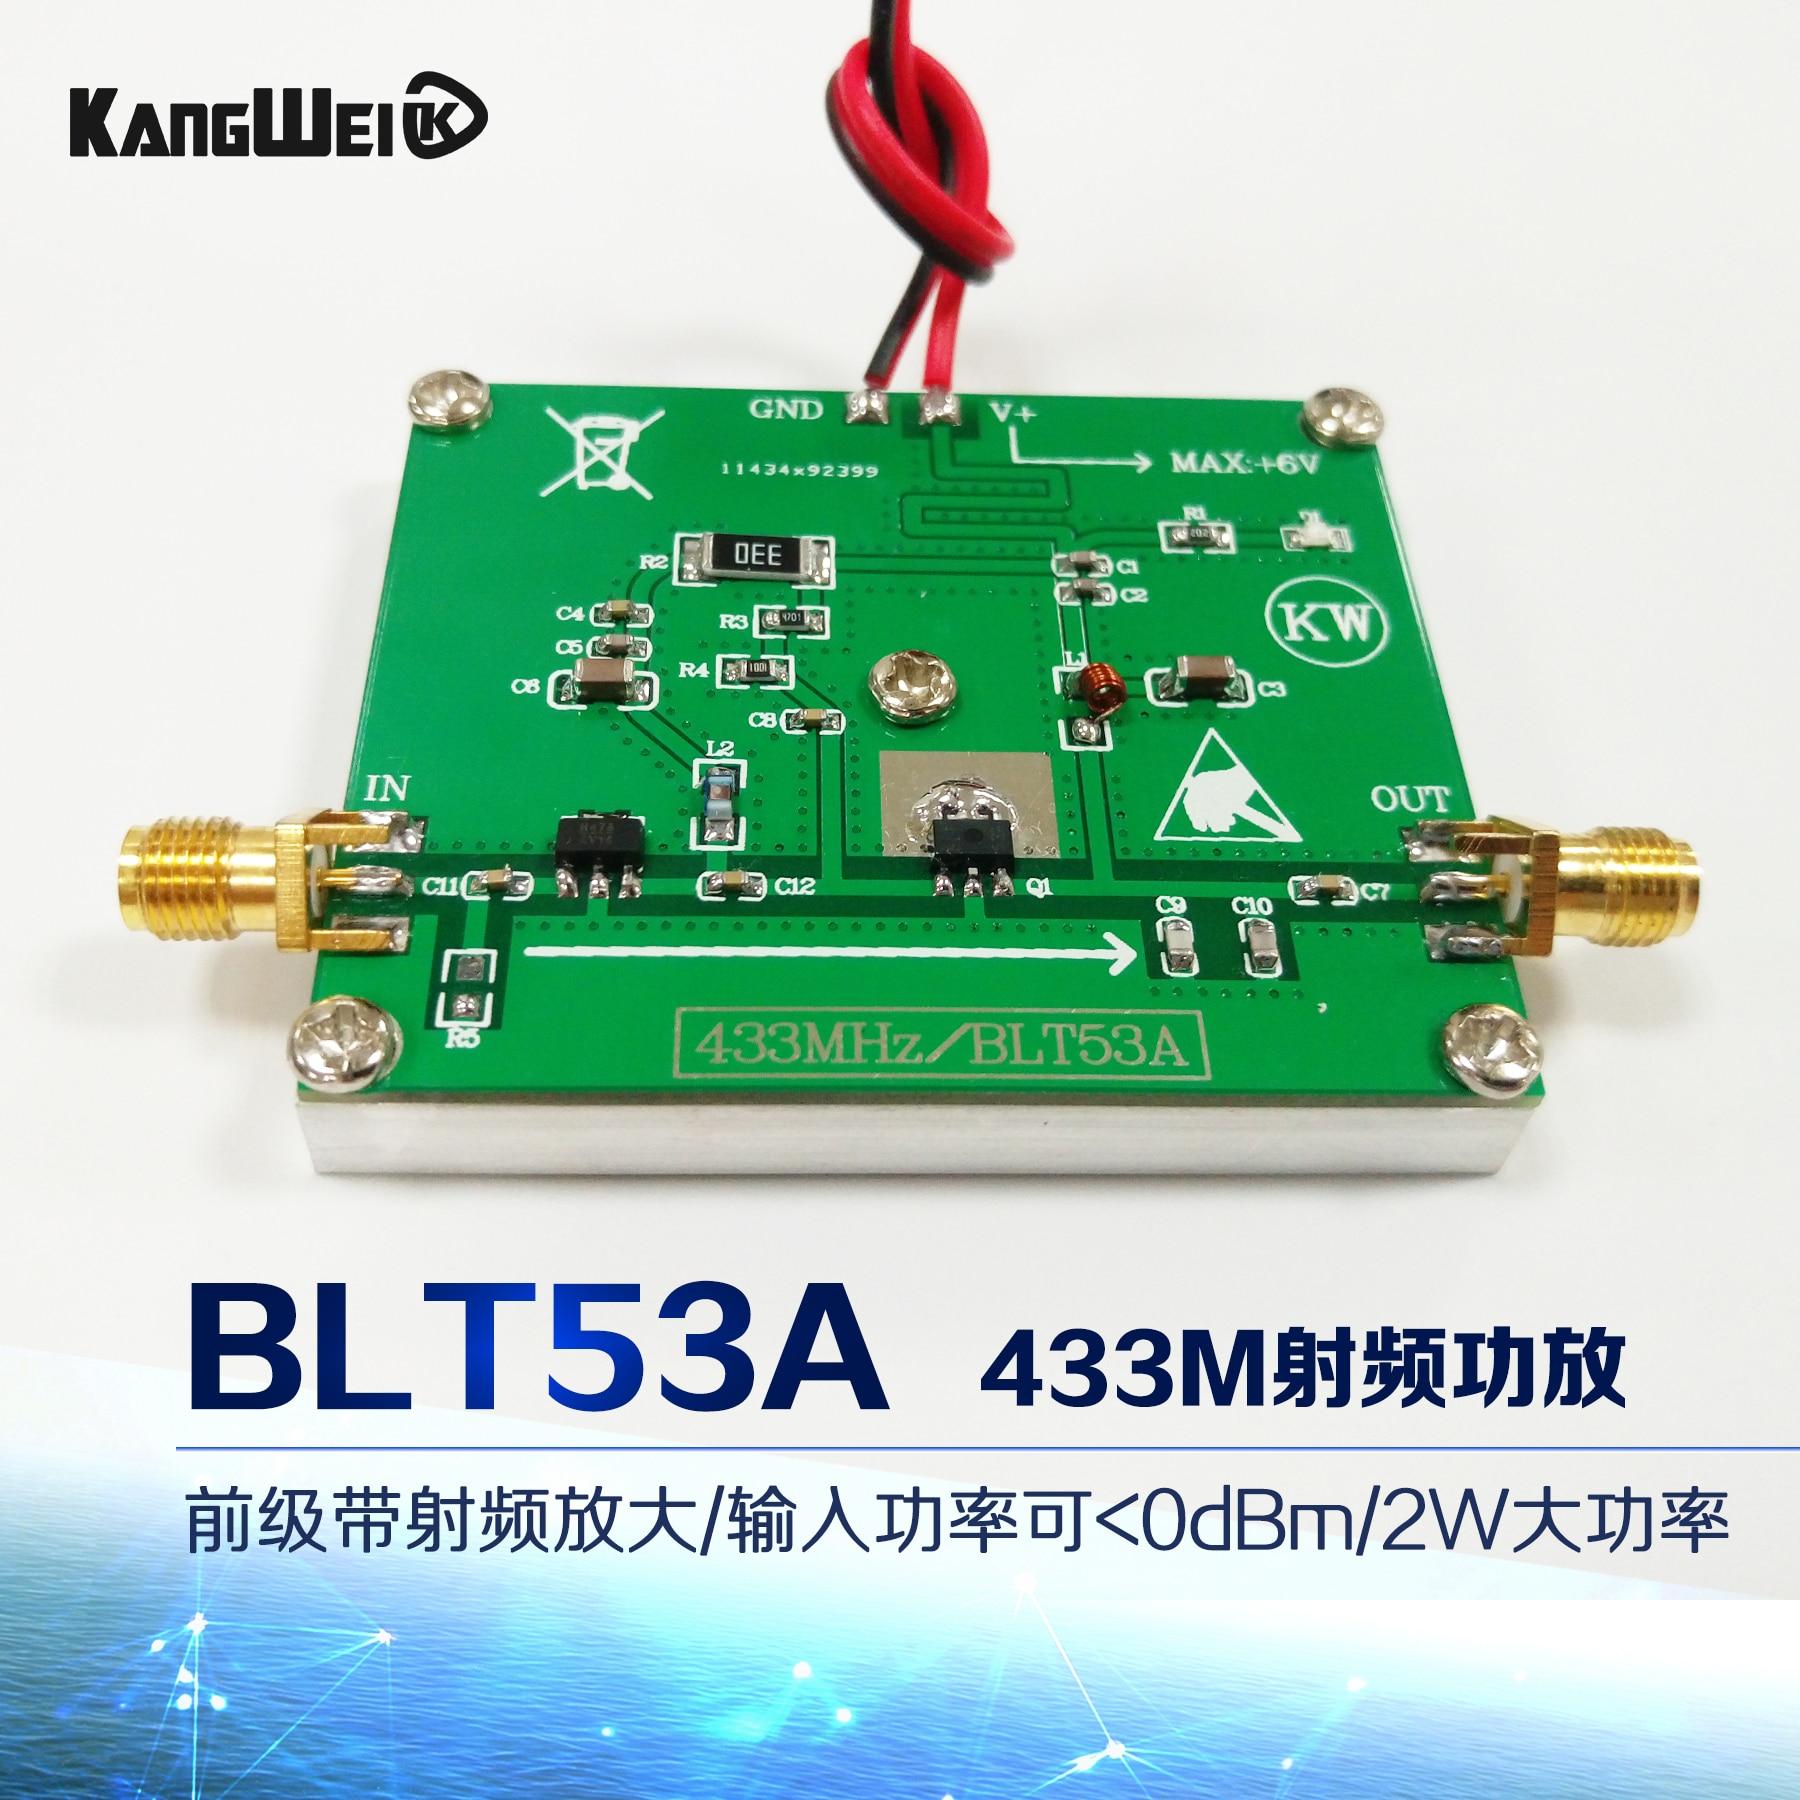 BLT53A 433M RF power amplifier 2W SI4432 digital transmission module<br>